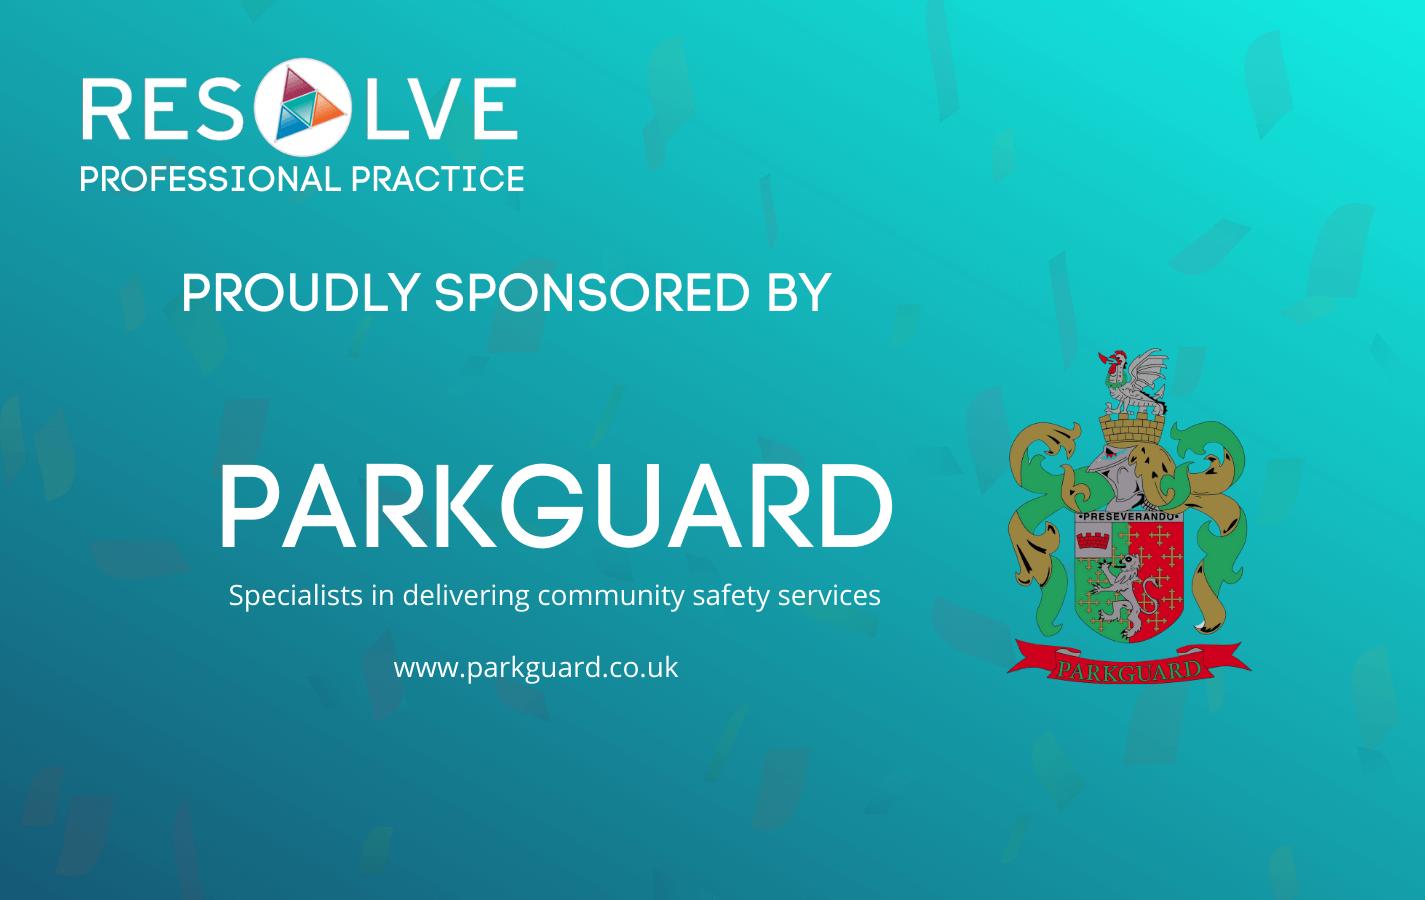 Parkguard